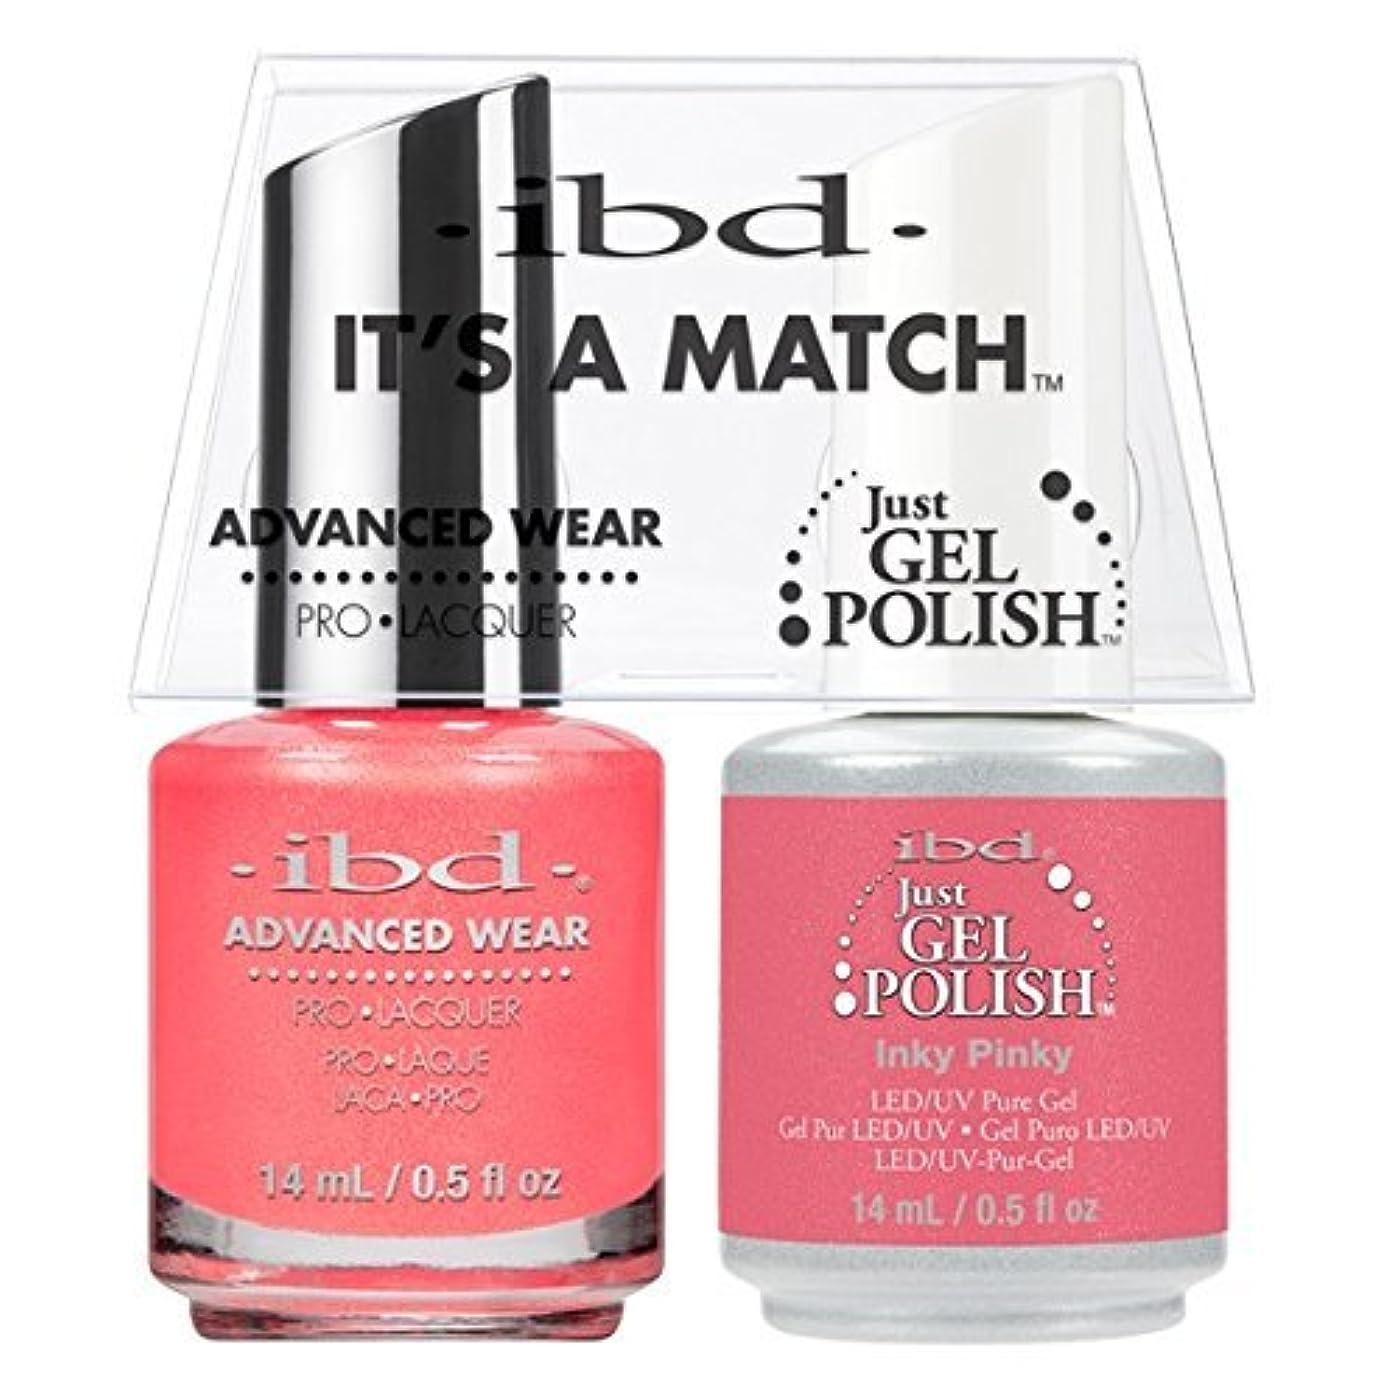 コンバーチブル膨張する清めるibd - It's A Match -Duo Pack- Inky Pinky - 14 mL / 0.5 oz Each